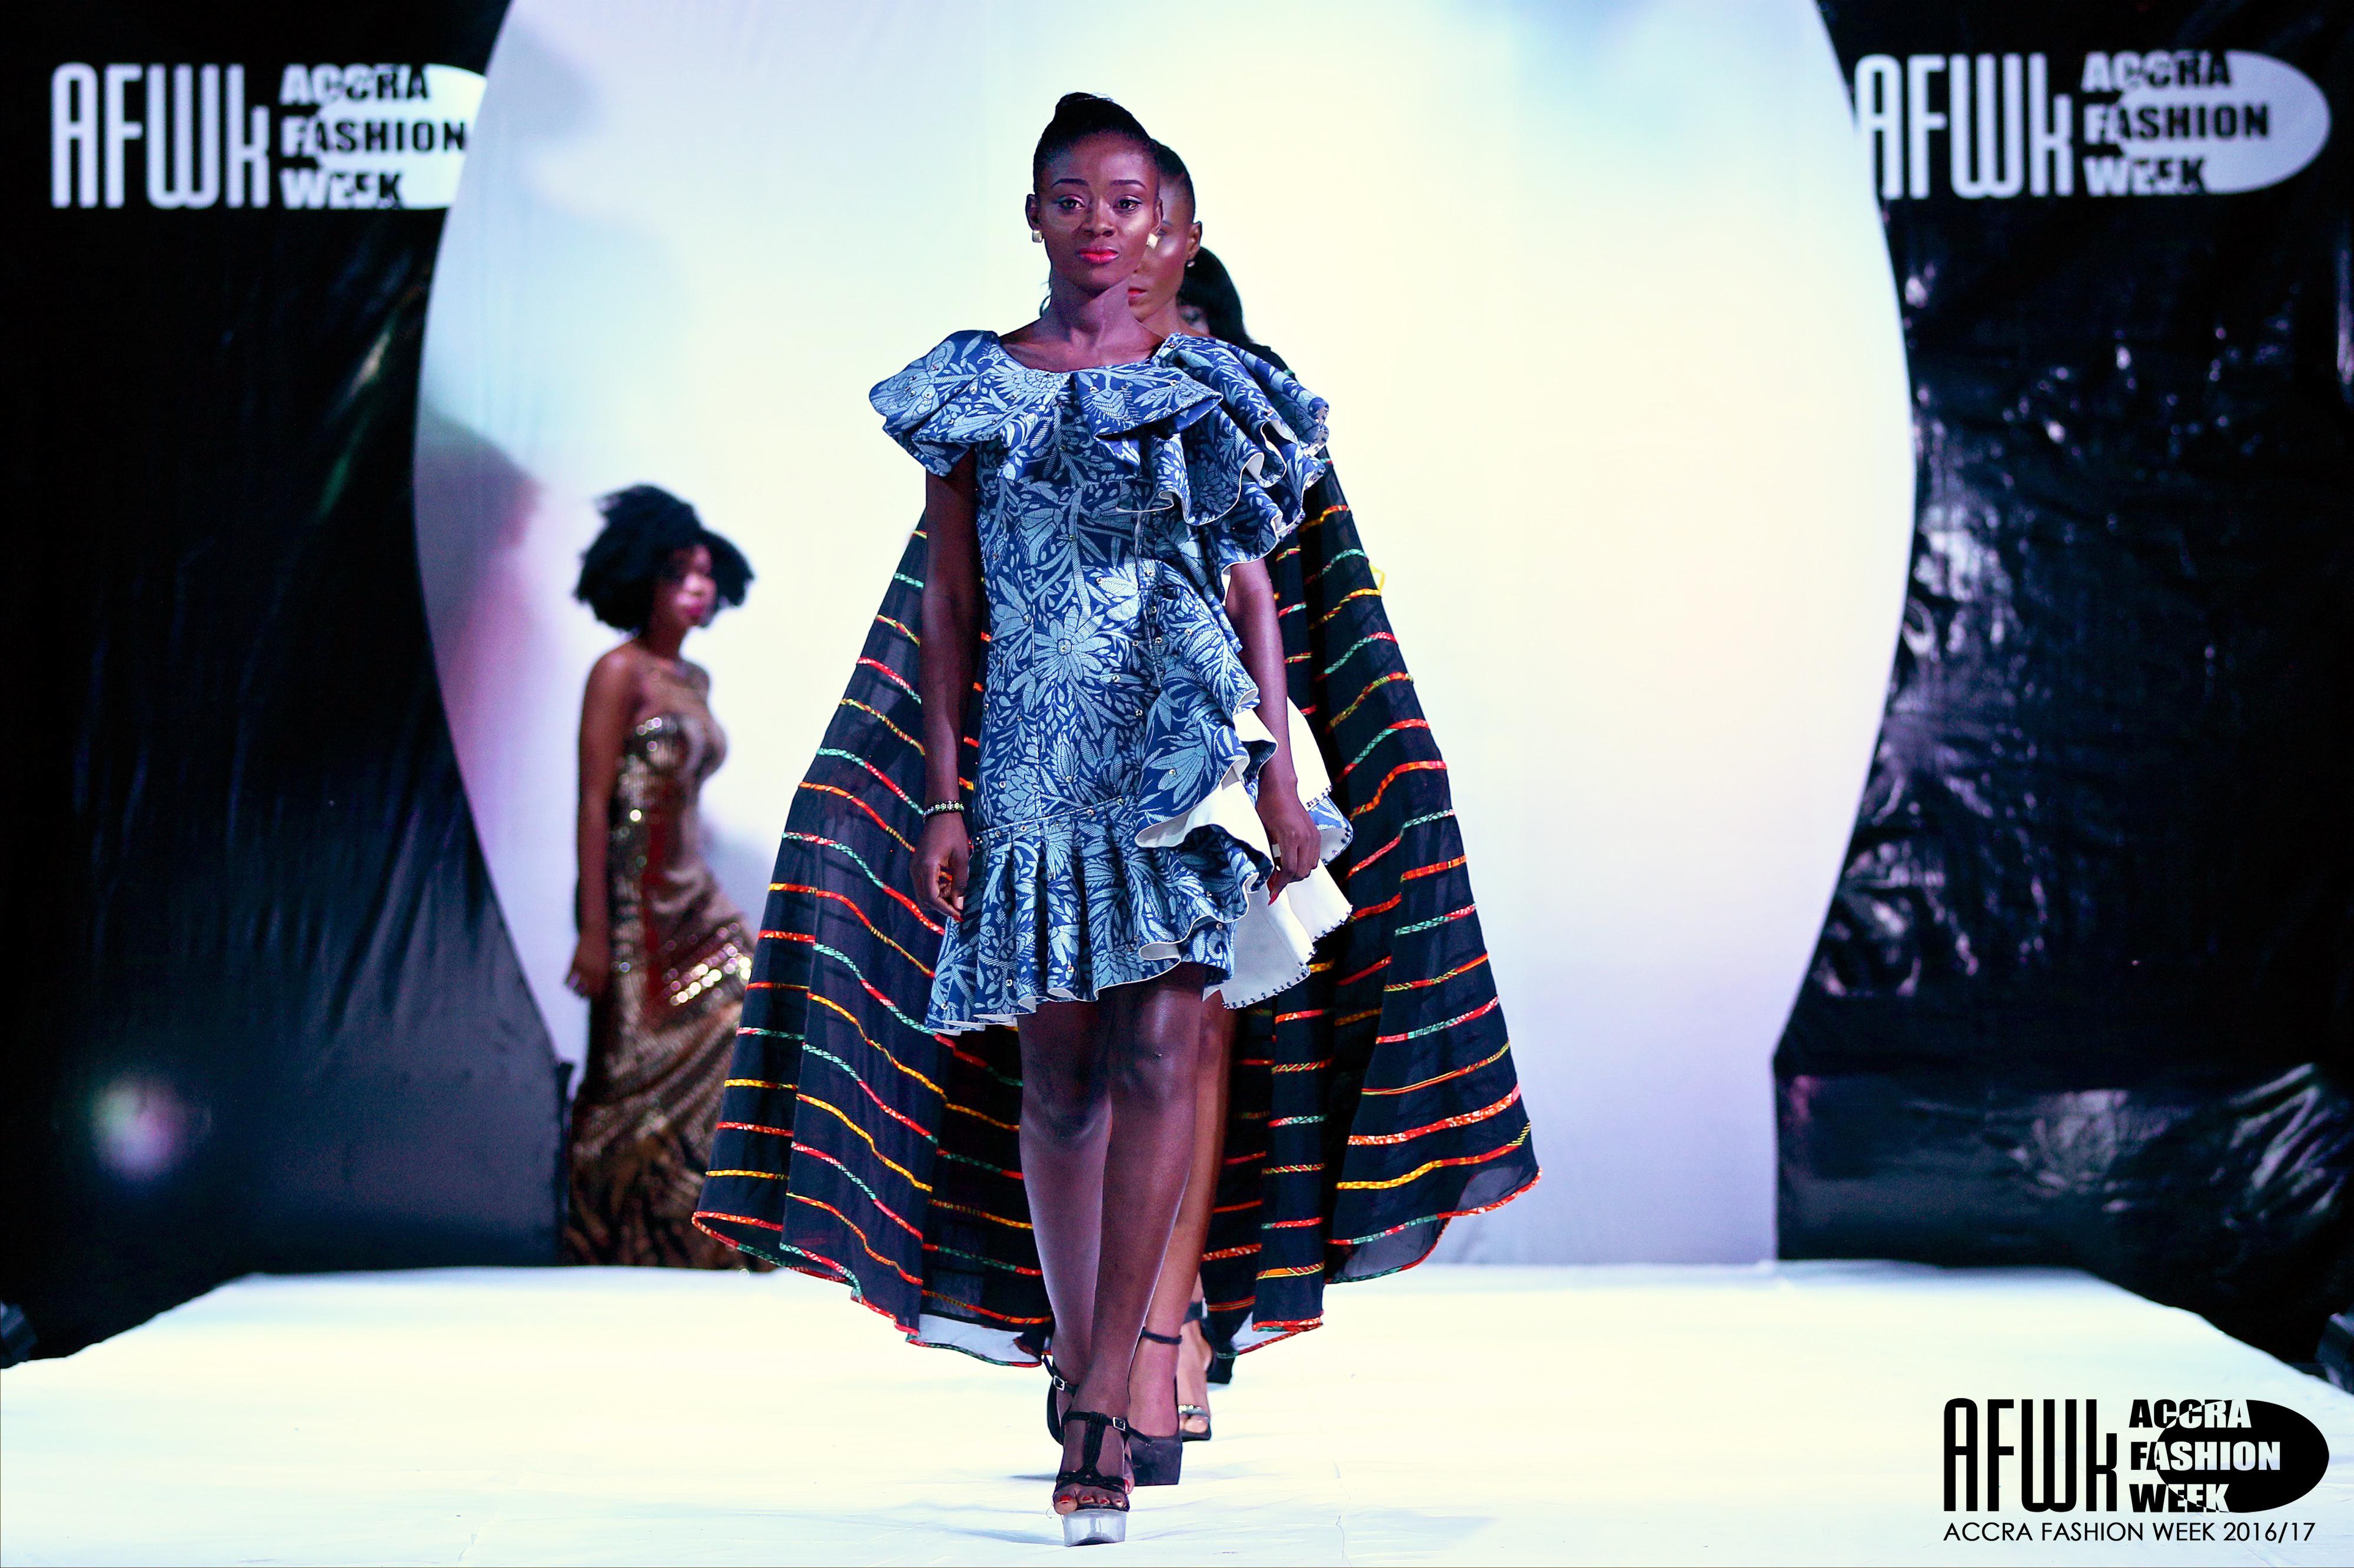 """Résultat de recherche d'images pour """"Accra Fashion Week 18"""""""